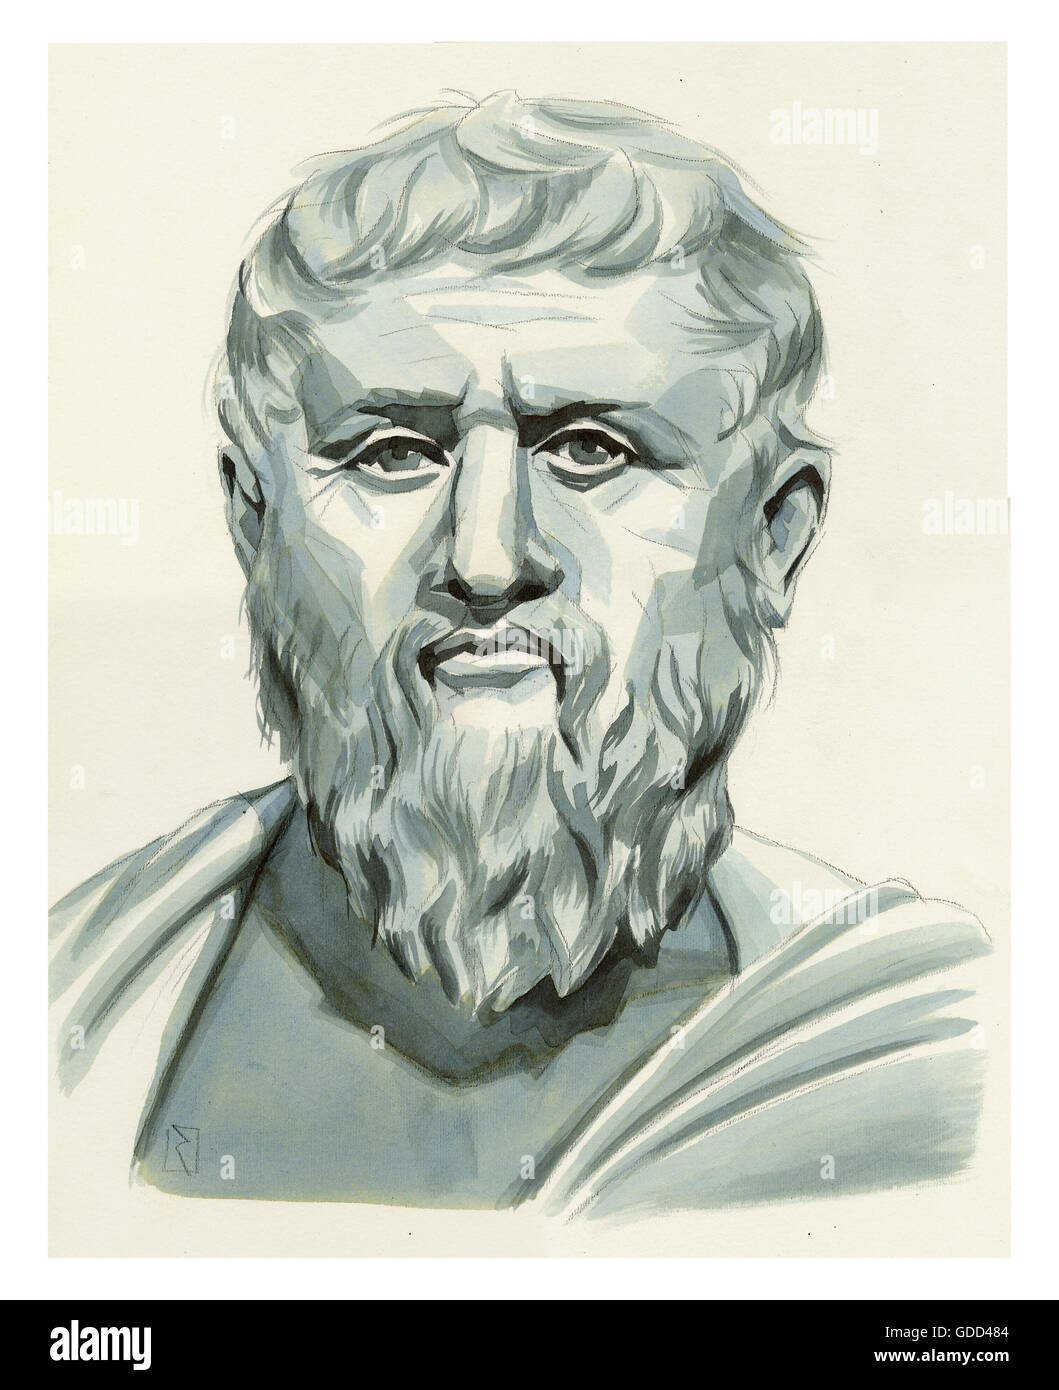 Platon, 427 - 347 CVDDH., philosophe grec, portrait, dessin monochrome par Jan Rieckhoff, 20.6.2007, l'artiste Photo Stock